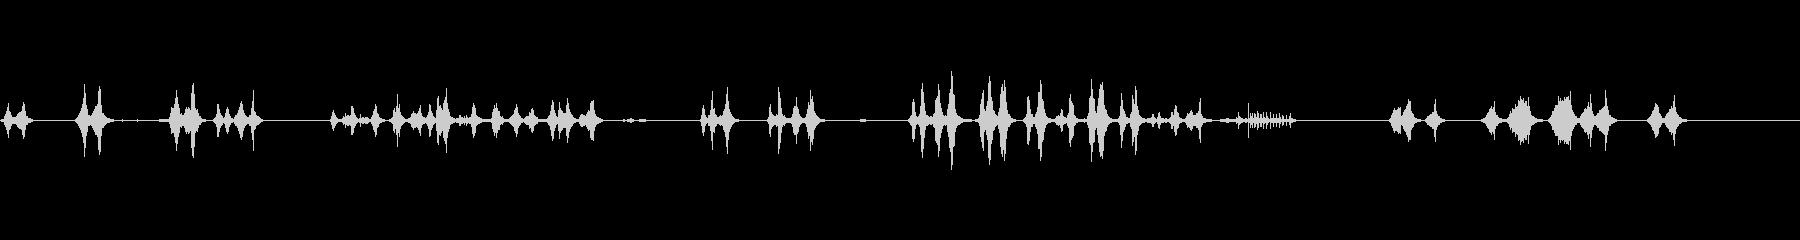 ツバメの鳴き声(巣立ち前の雛)の未再生の波形